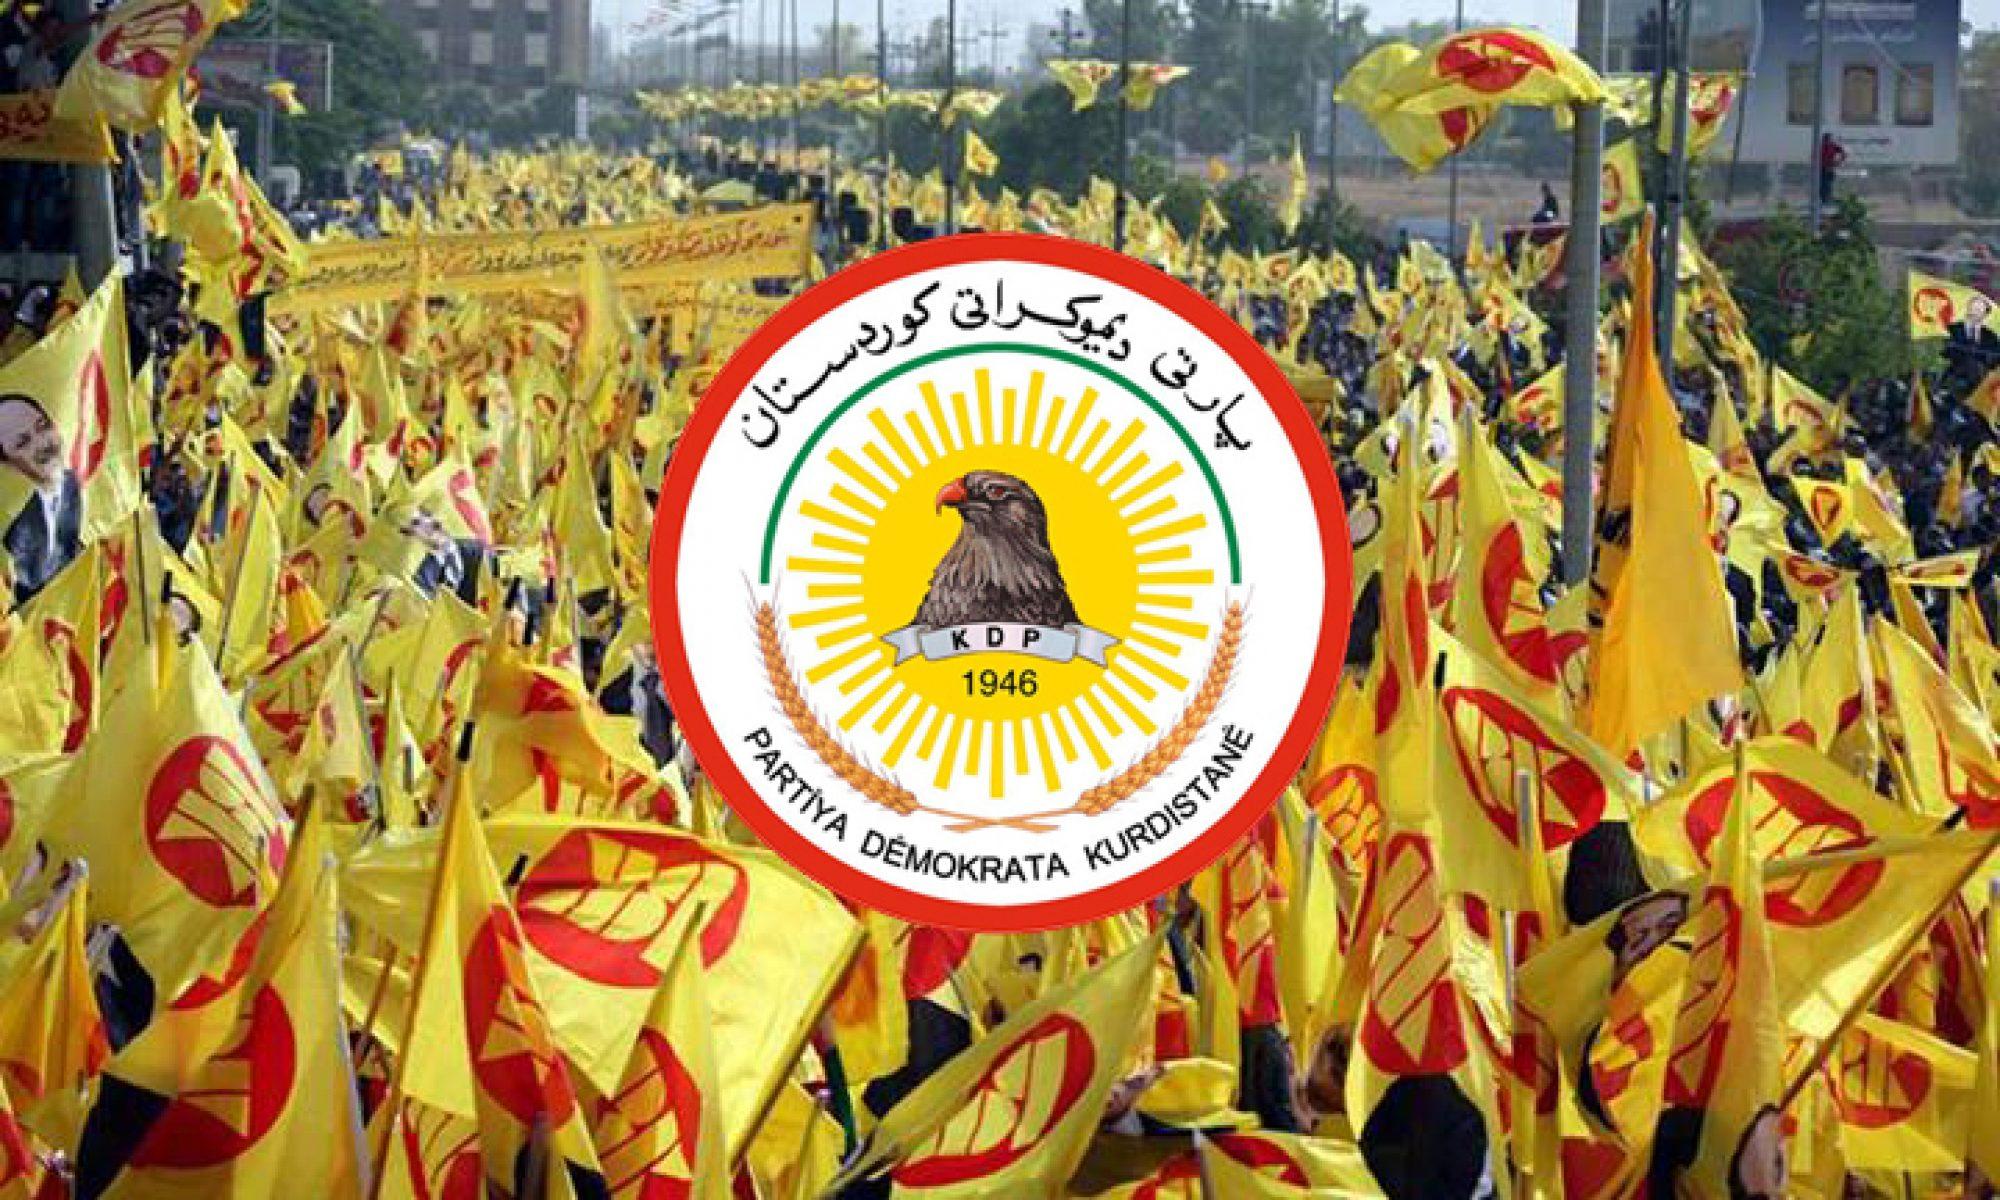 KDP Politbüro toplantısı sonuçları açıklandı